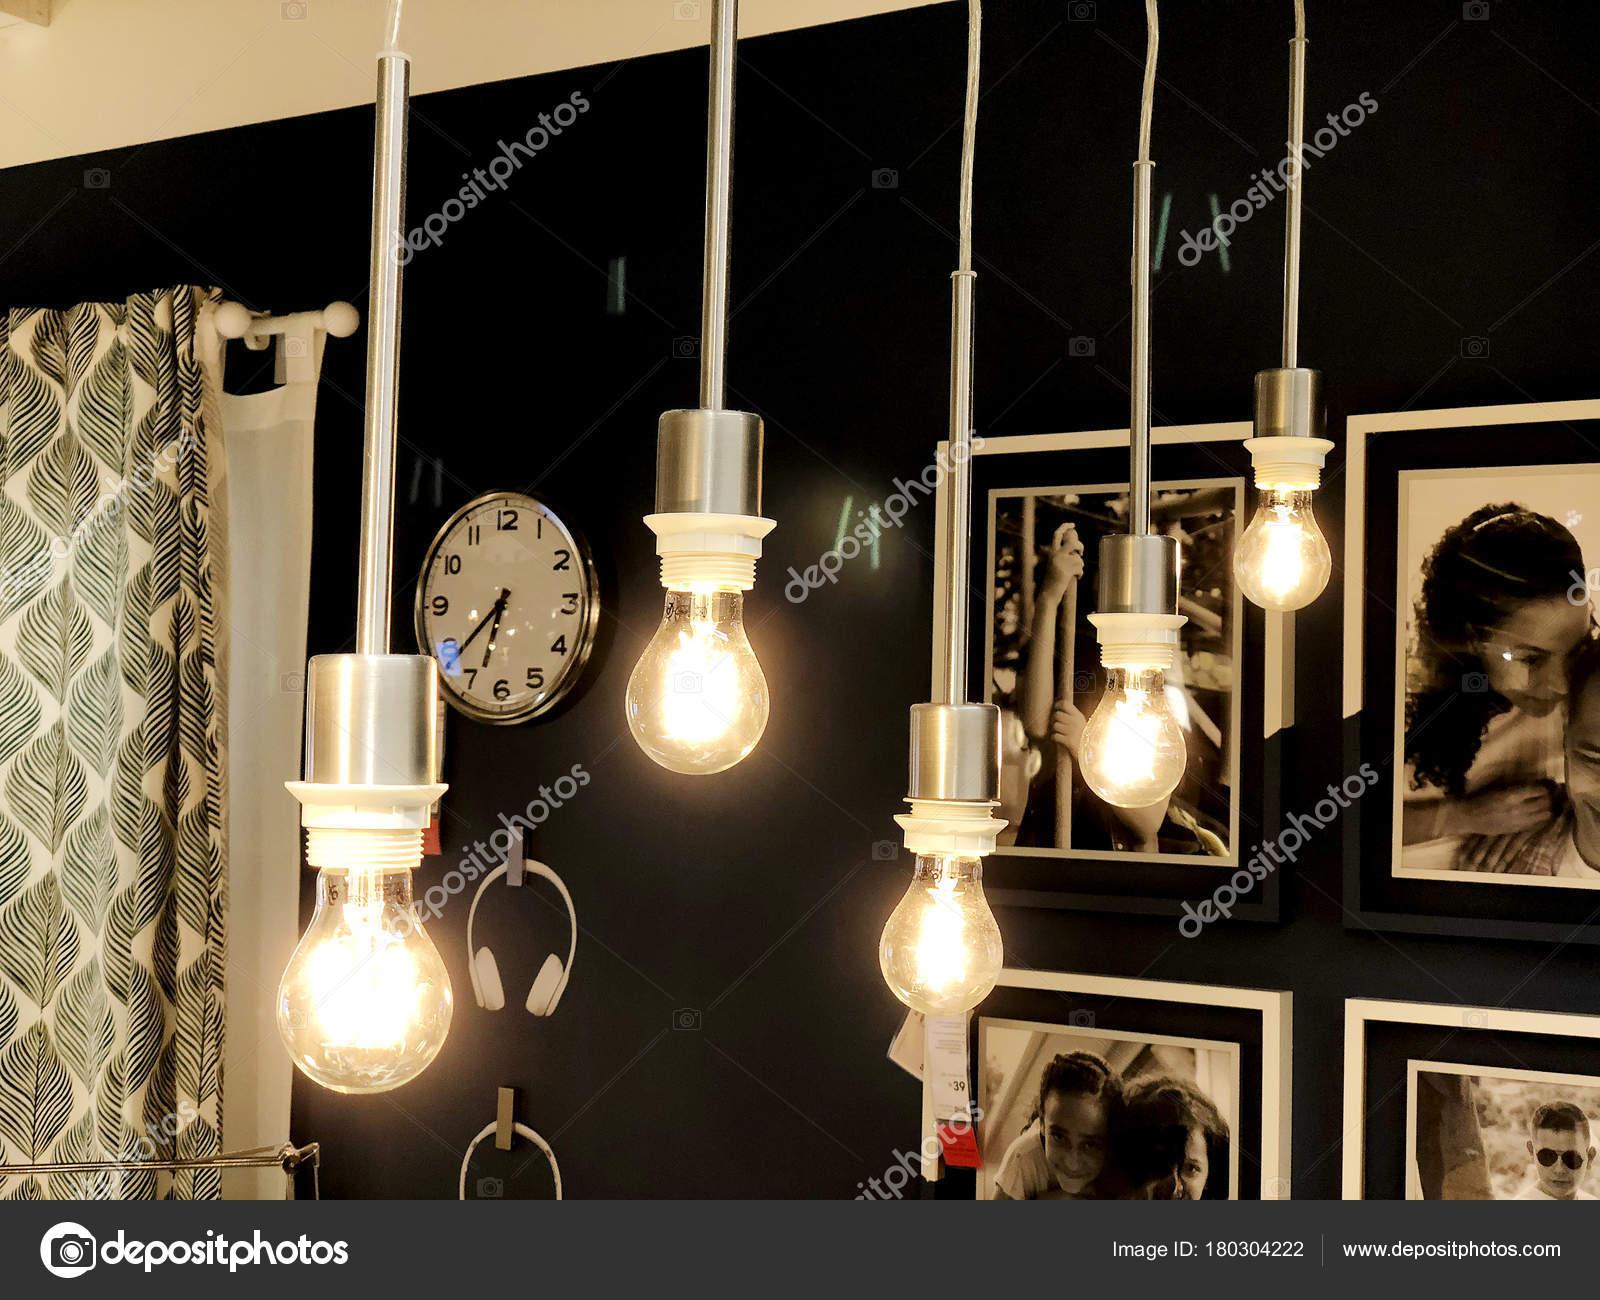 Moderne Lampen 16 : Rishon le zion israel 16. dezember 2017: moderne glühbirne lampe